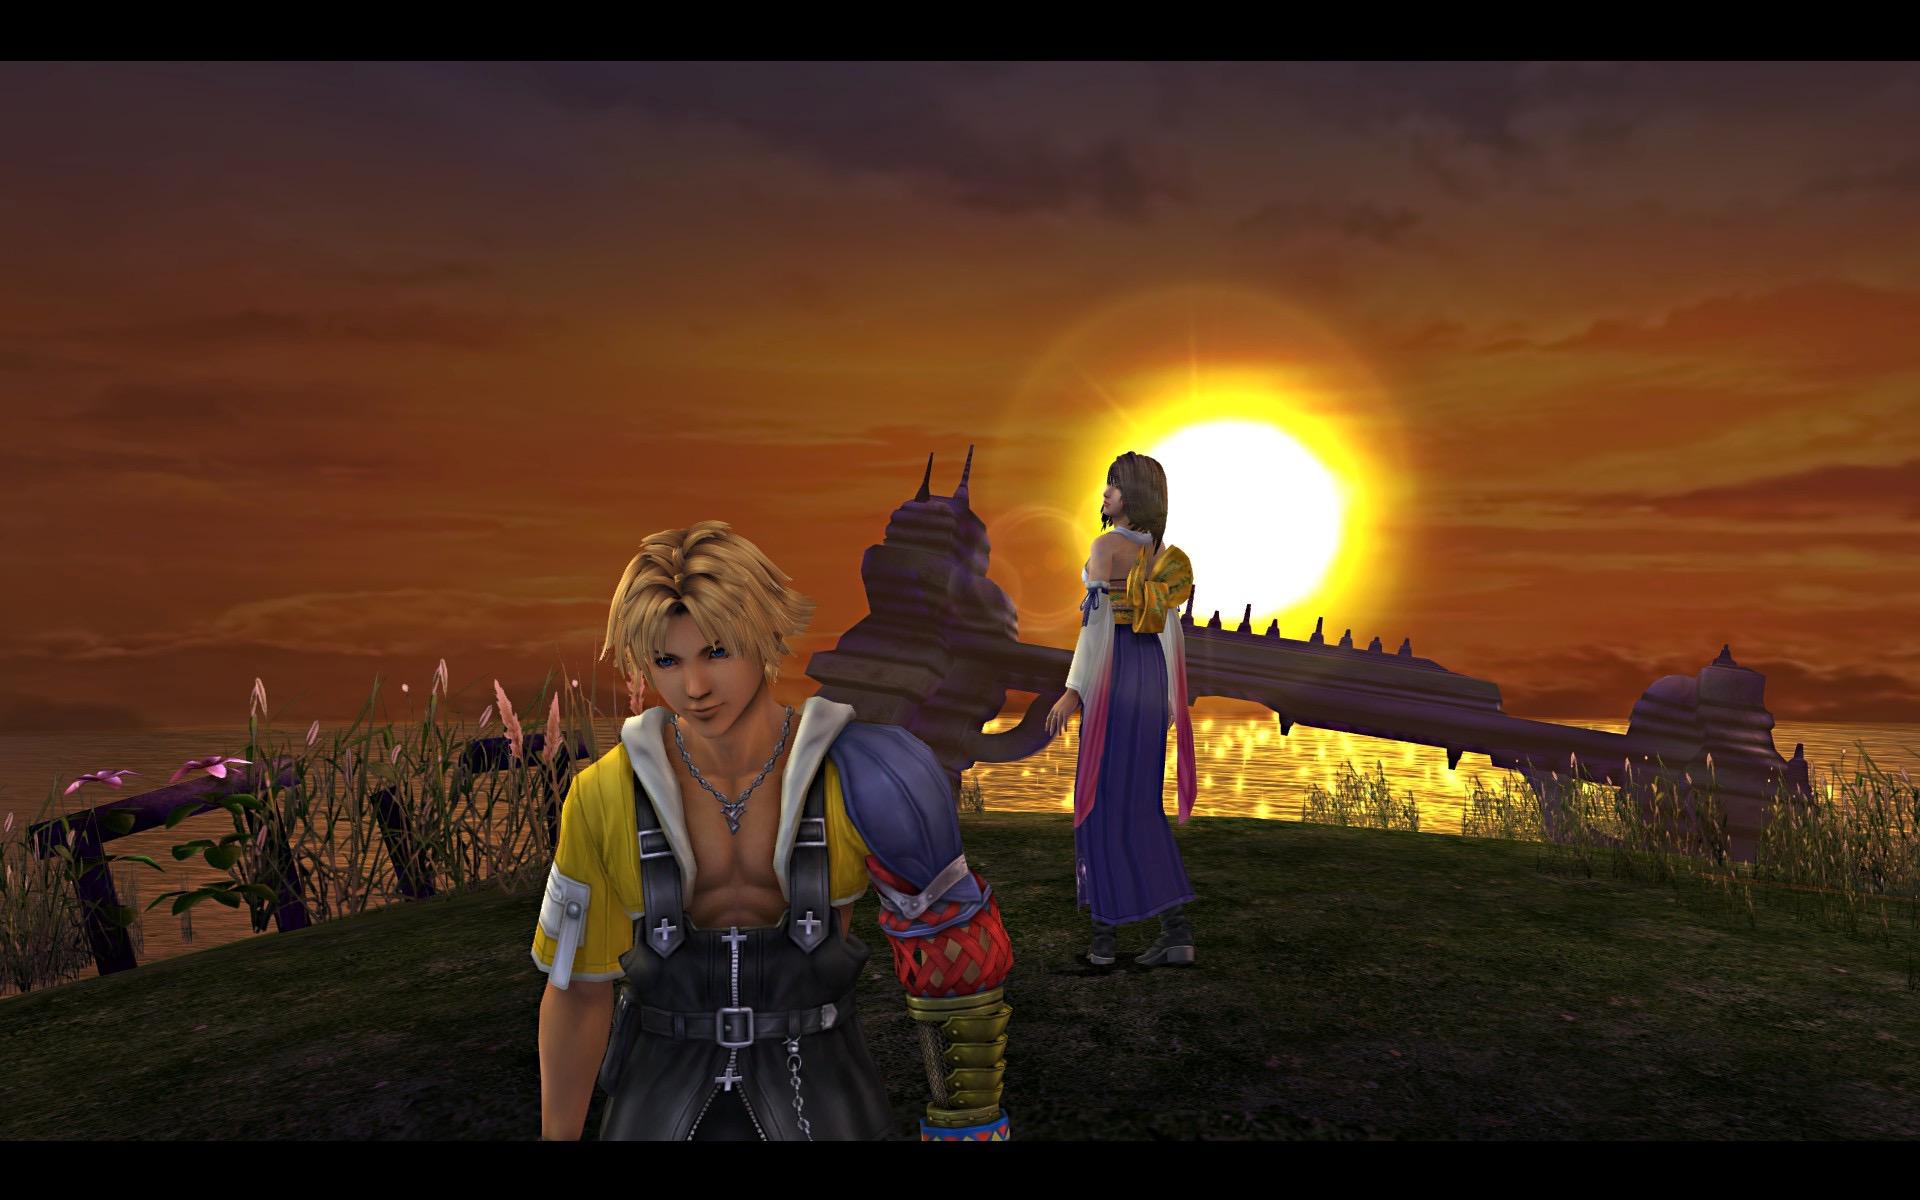 在听说历史上的Zanarkand已经在1000年前就毁灭了后,Tidus感到很震惊